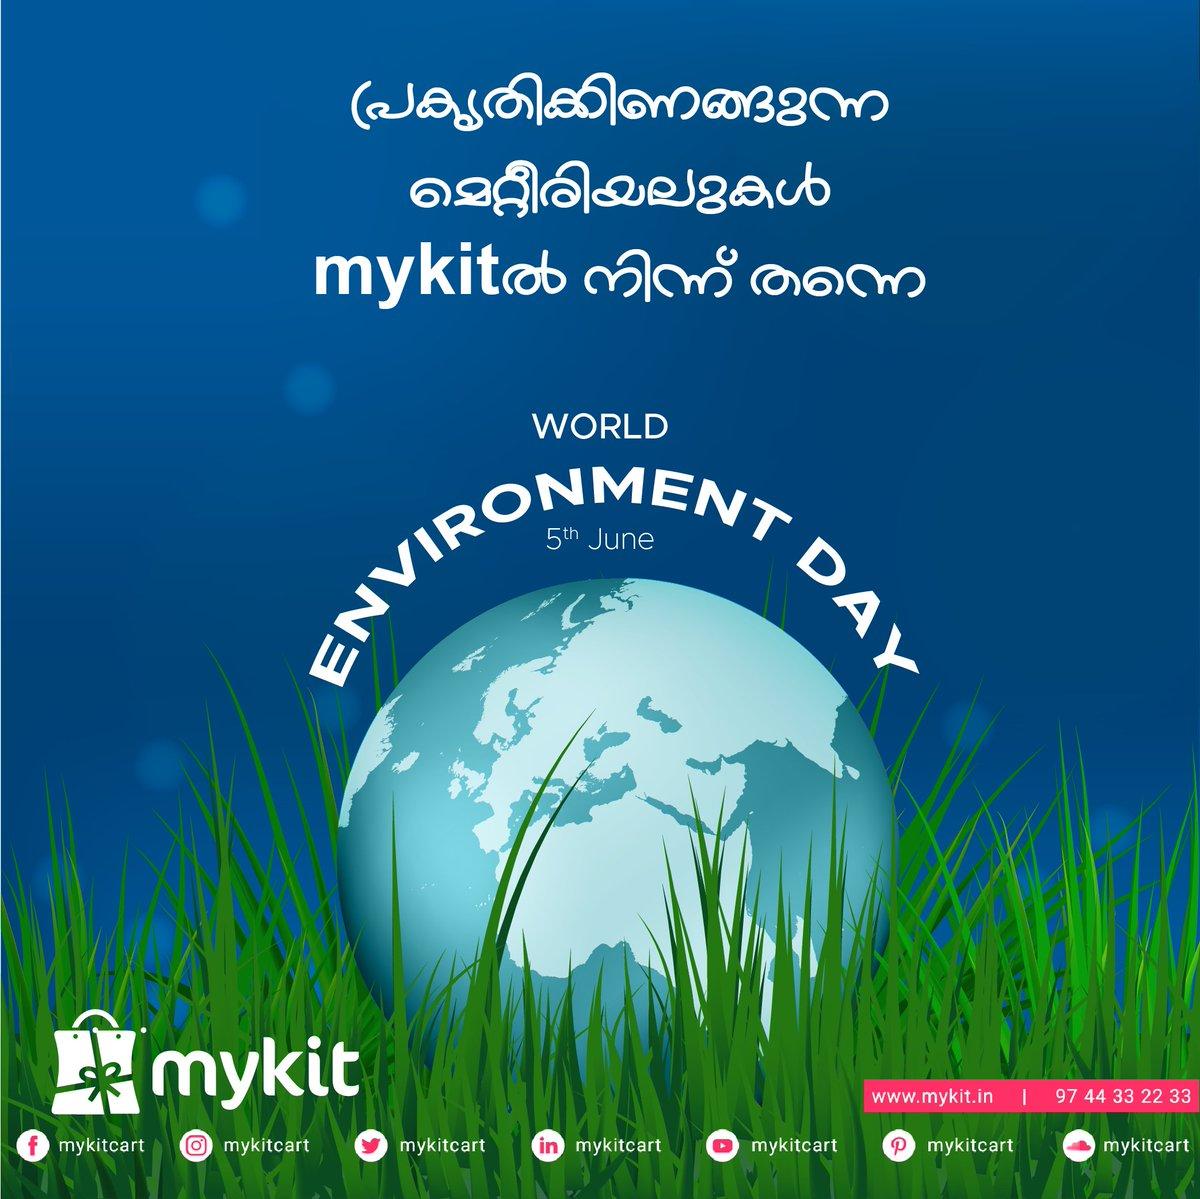 പ്രകൃതിക്കിണങ്ങുന്ന മെറ്റീരിയലുകൾ myKit ൽ നിന്ന് തന്നെ  World Environment Day visit now: https://t.co/KjaLi9yPQr #mykitcart #mykit #WorldEnvironmentDay  #onlineshopping #kannur #kerala https://t.co/jOAWYmCsGb